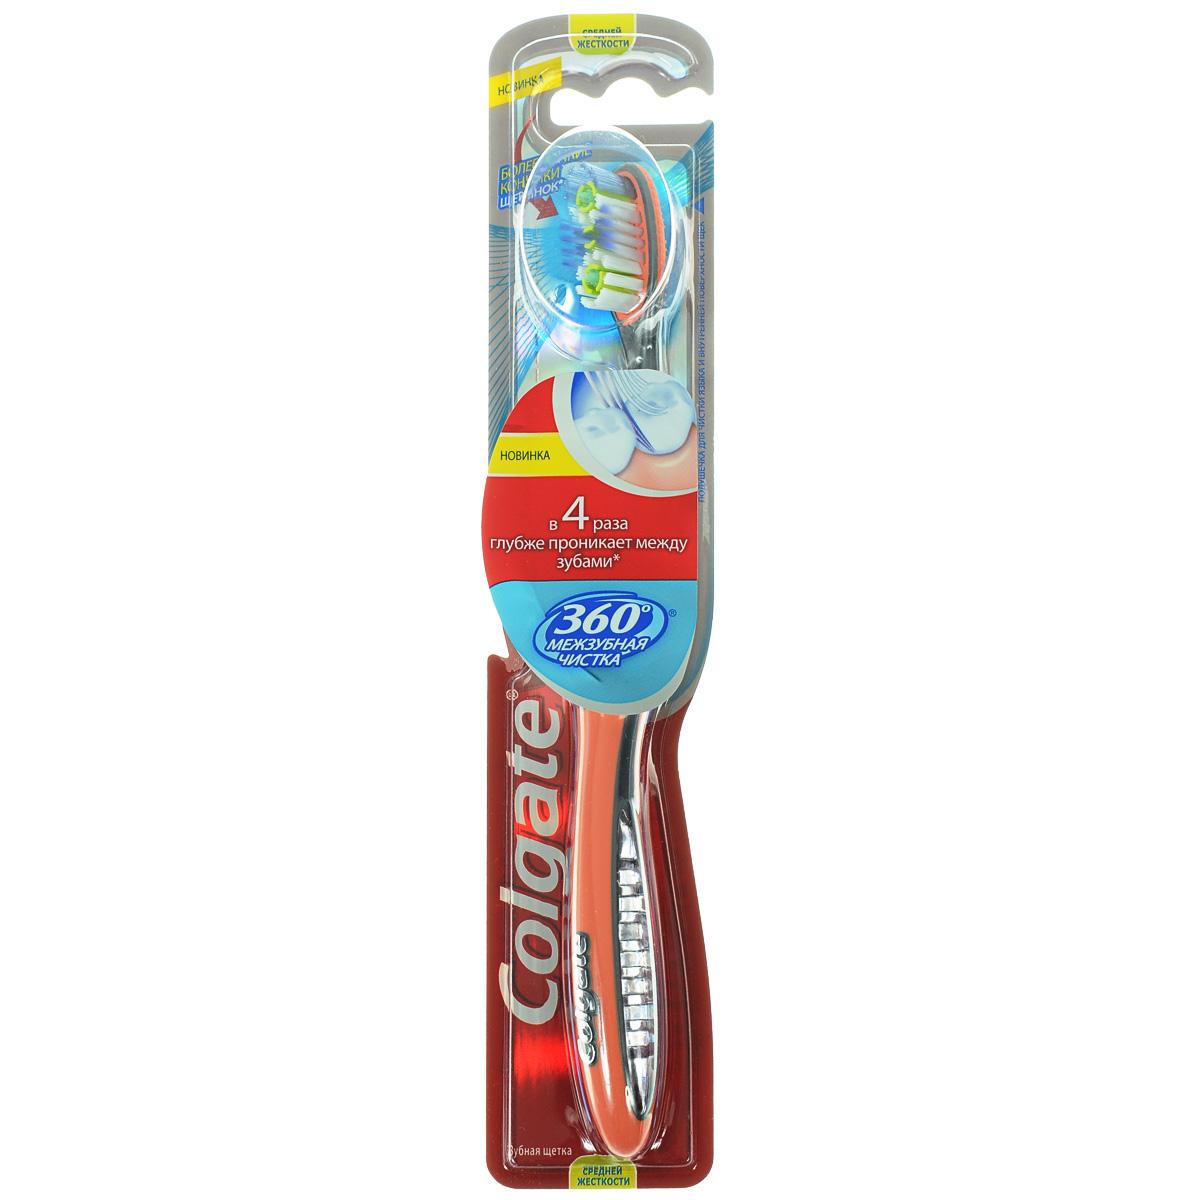 Colgate Зубная щетка 360. Межзубная чистка, средней жесткостиCN00543AColgate 360. Межзубная чистка - зубная щетка средней жесткости. Полирующие чашечки, мультифункциональное строение щетины и подушечка для чистки щек и языка, которая удаляет более 96% бактерий, обеспечивают суперчистоту всей полости рта. Эргономичная рифленая ручка не скользит в ладони, амортизирует давление руки на нежную поверхность десен. Товар сертифицирован.